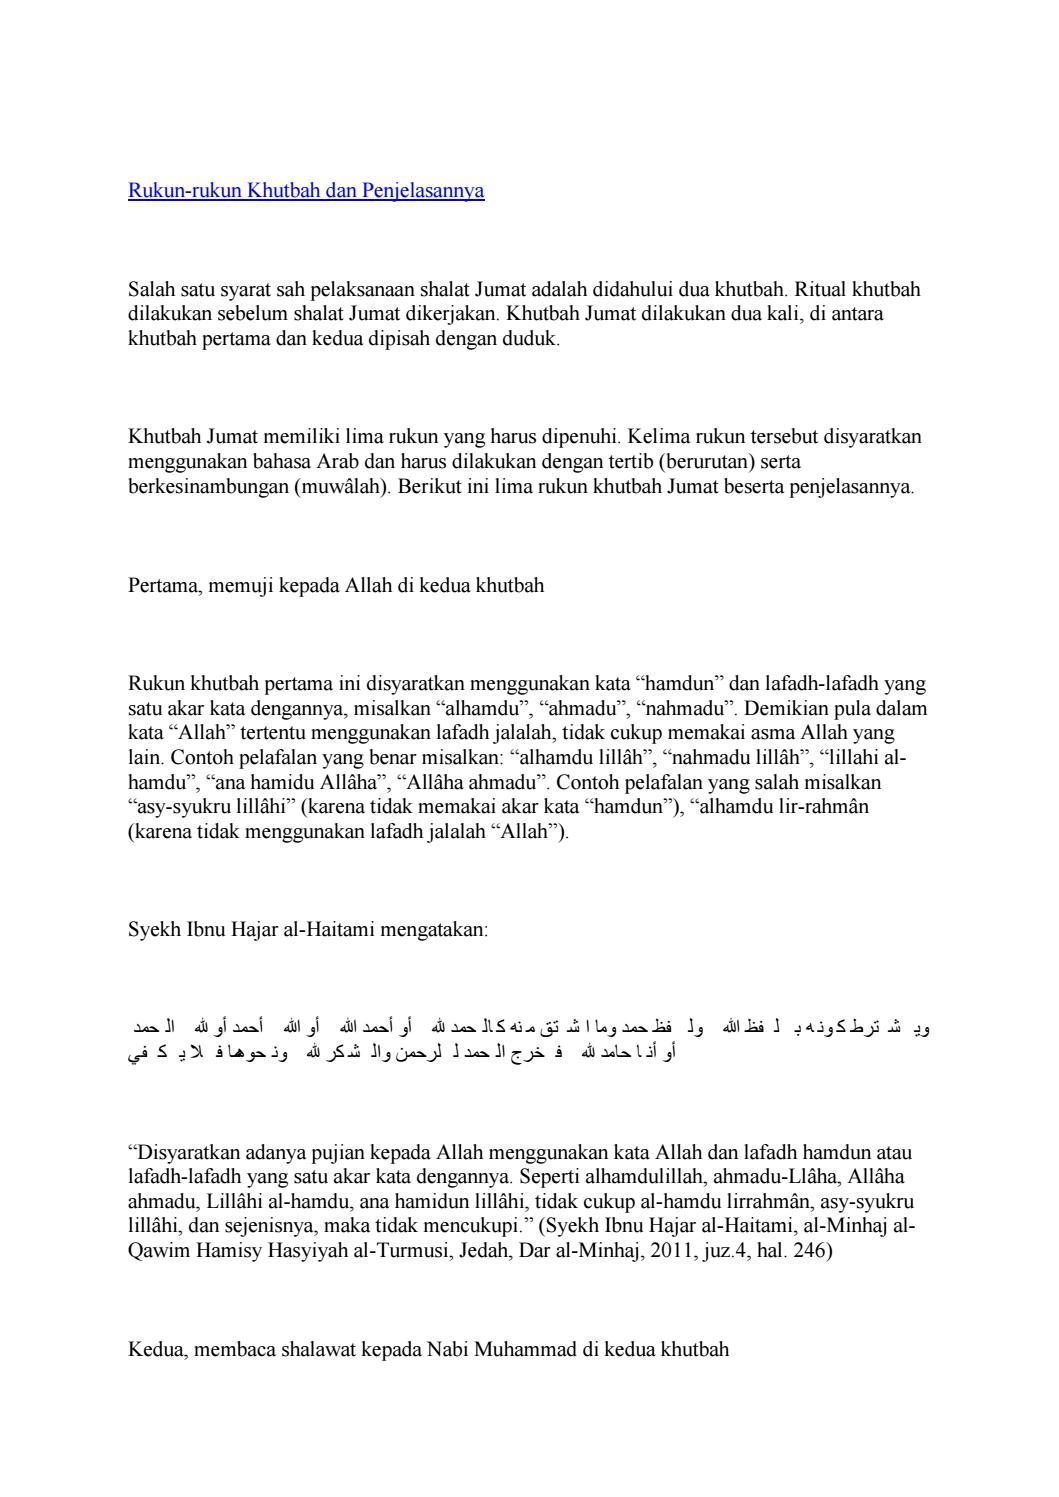 Rukun Khutbah Dan Penjelasannya By Mar Bawi Issuu